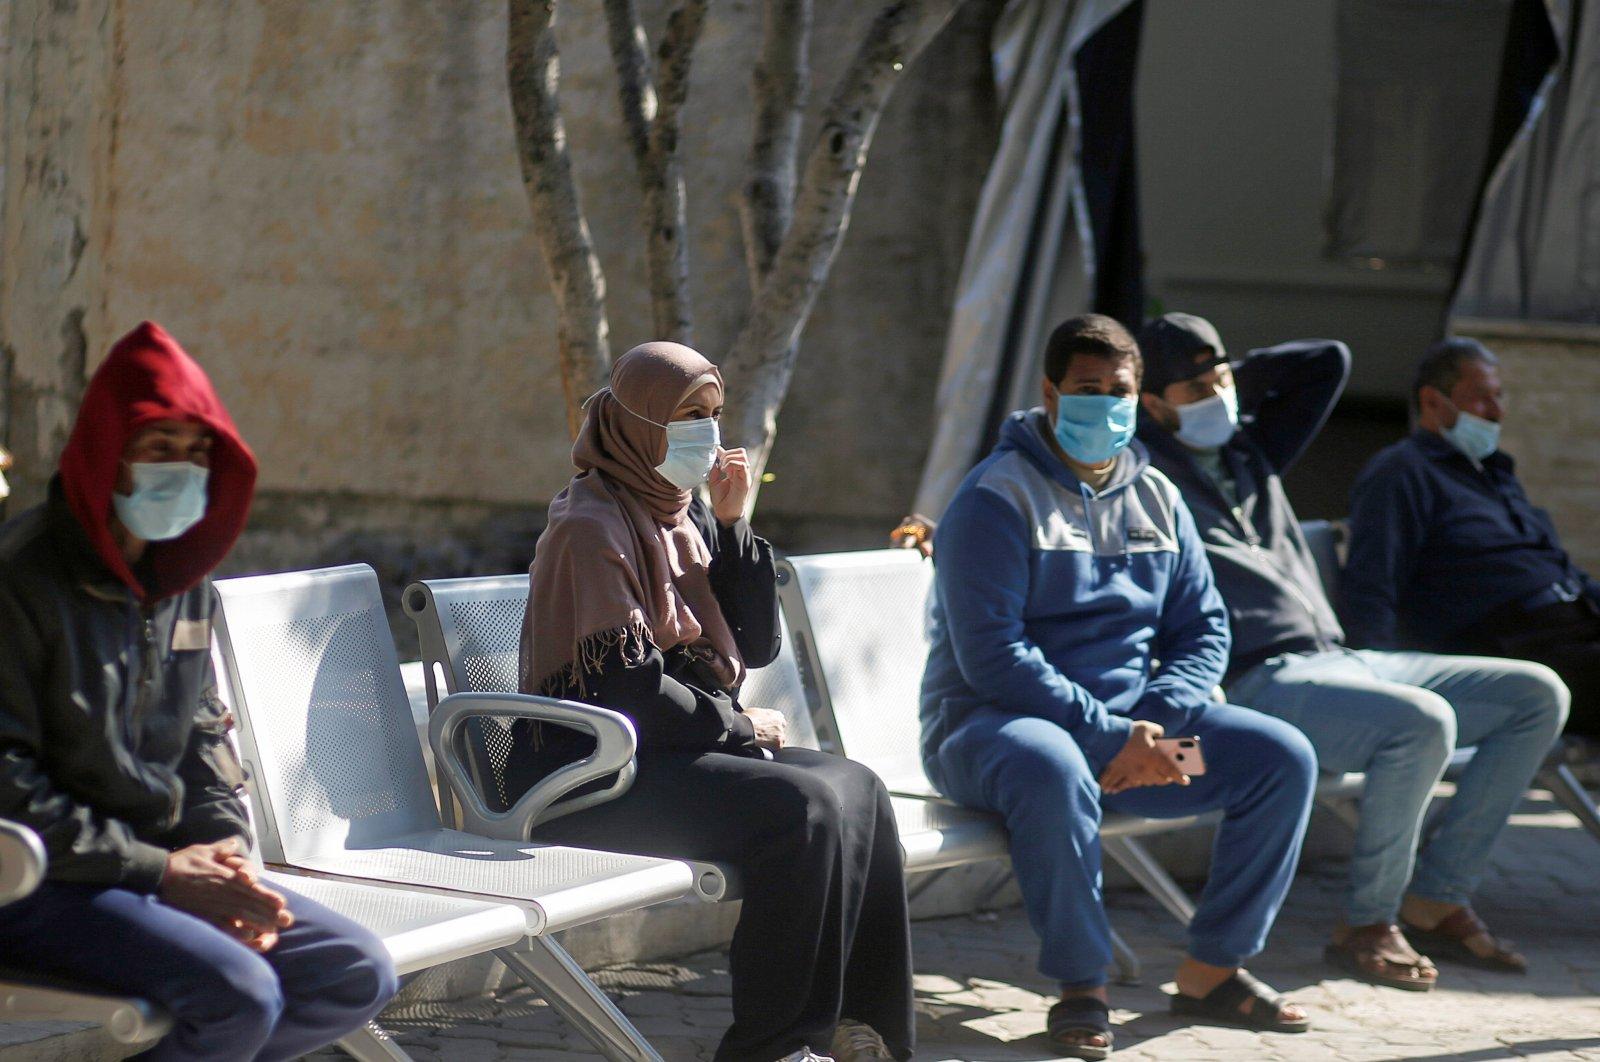 Palestinians wearing protective face masks sit at Shifa hospital, Gaza City, Nov. 22, 2020. (REUTERS Photo)